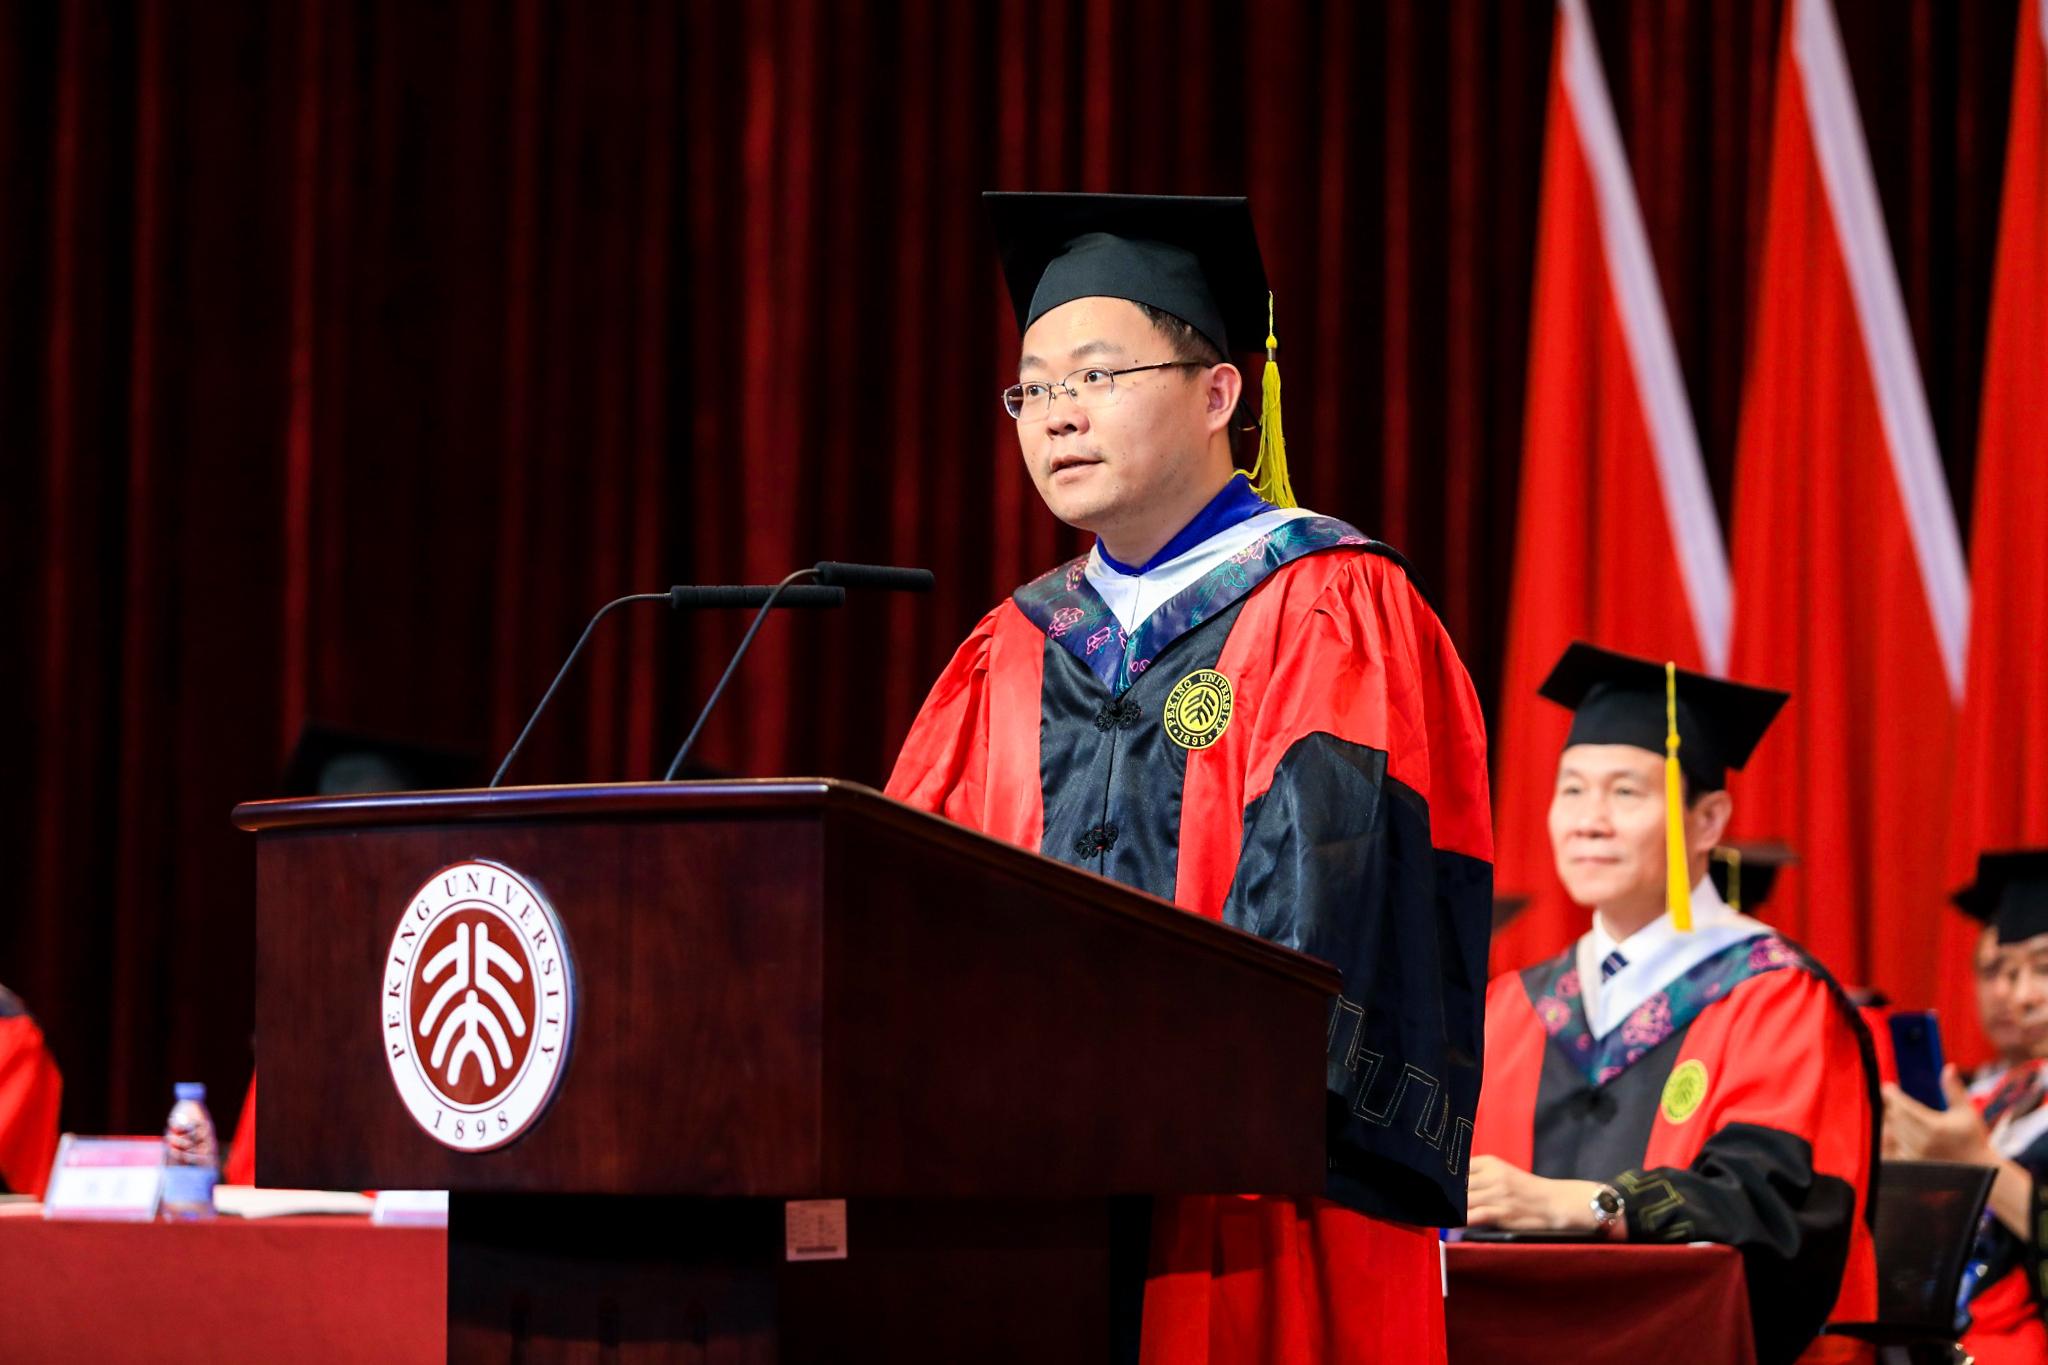 不忘初心,做承担时代责任的北大人——教师代表李子刚副教授在2019年毕业典礼上的发言